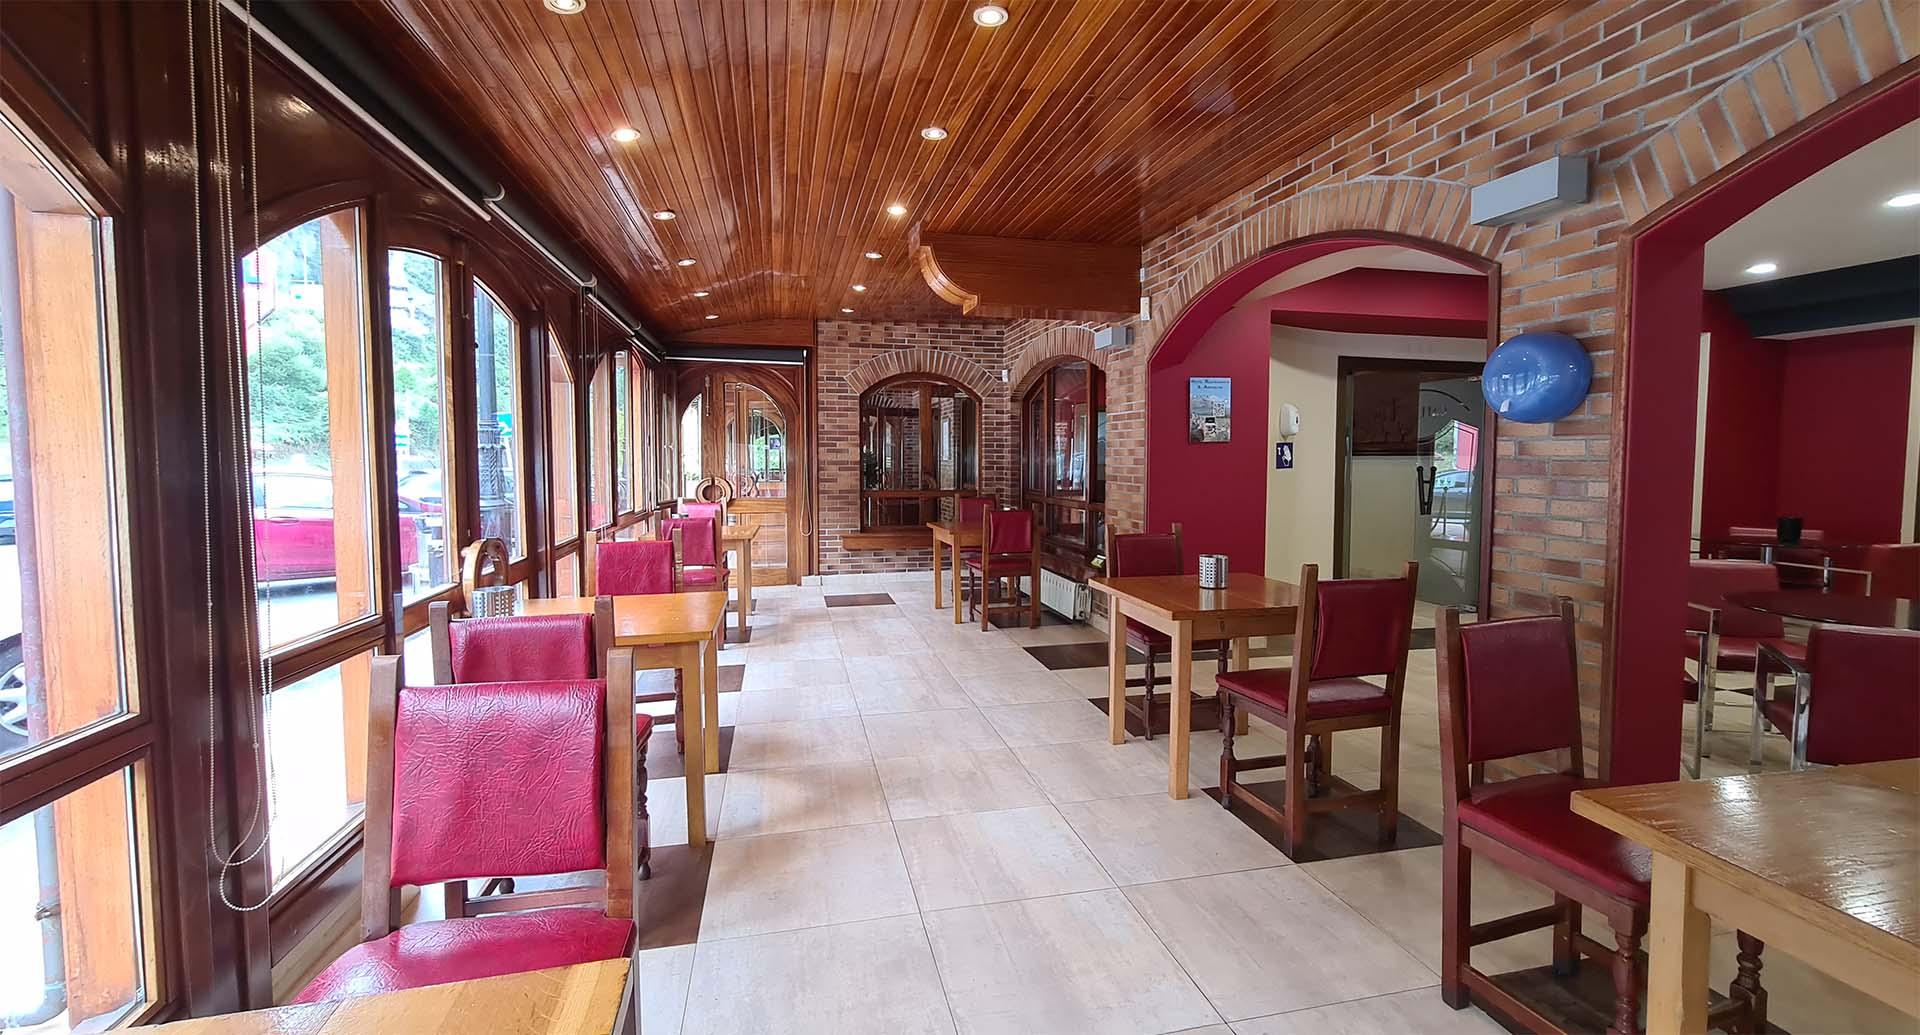 Hotel Restaurante Arenillas - Cafetería